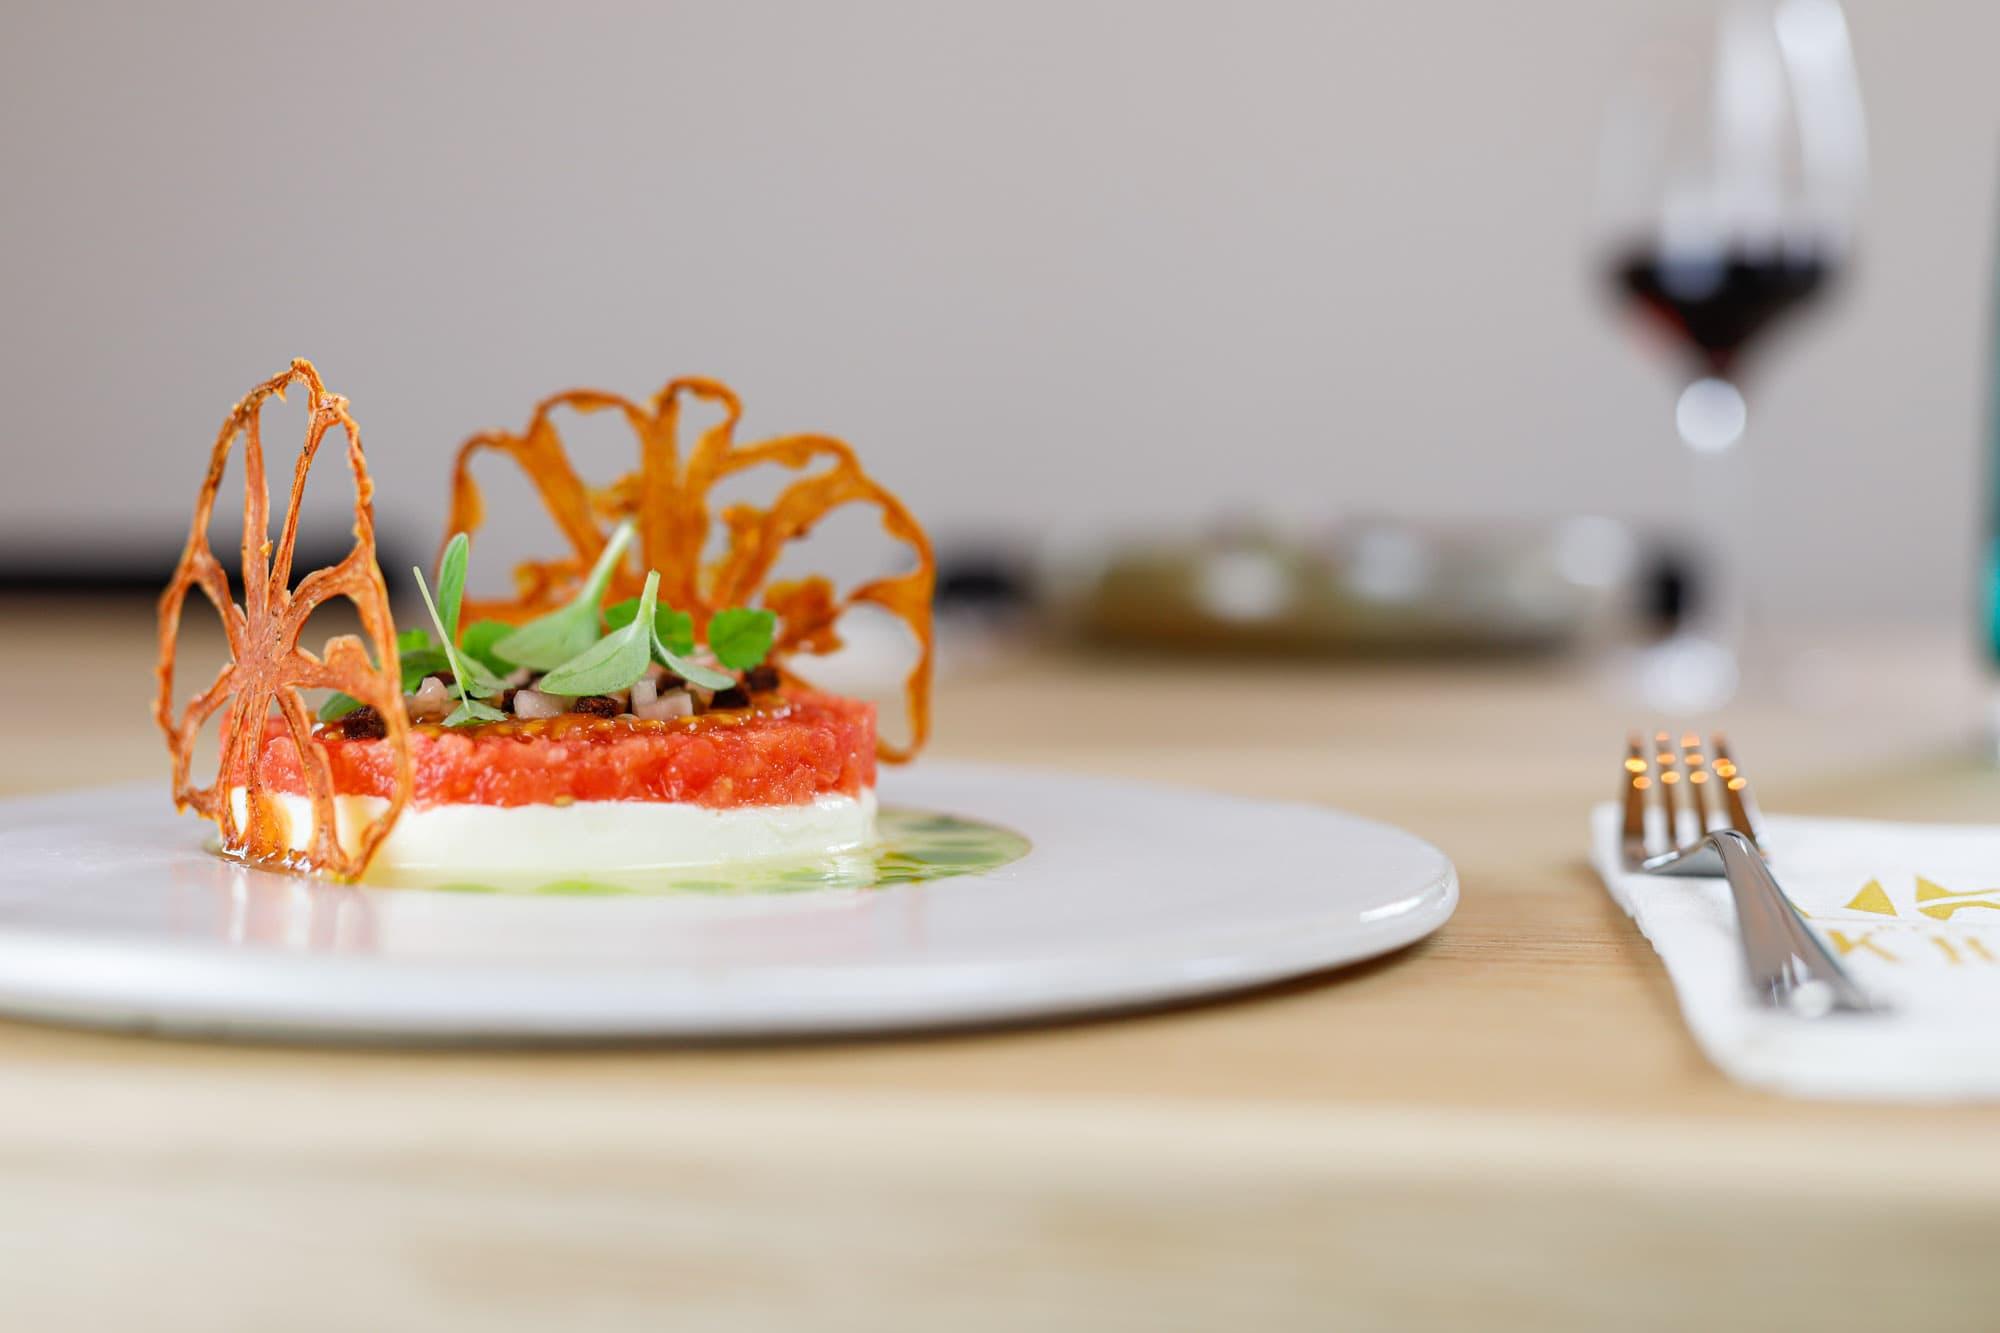 Restaurant Krelis gerecht structuren van tomaten